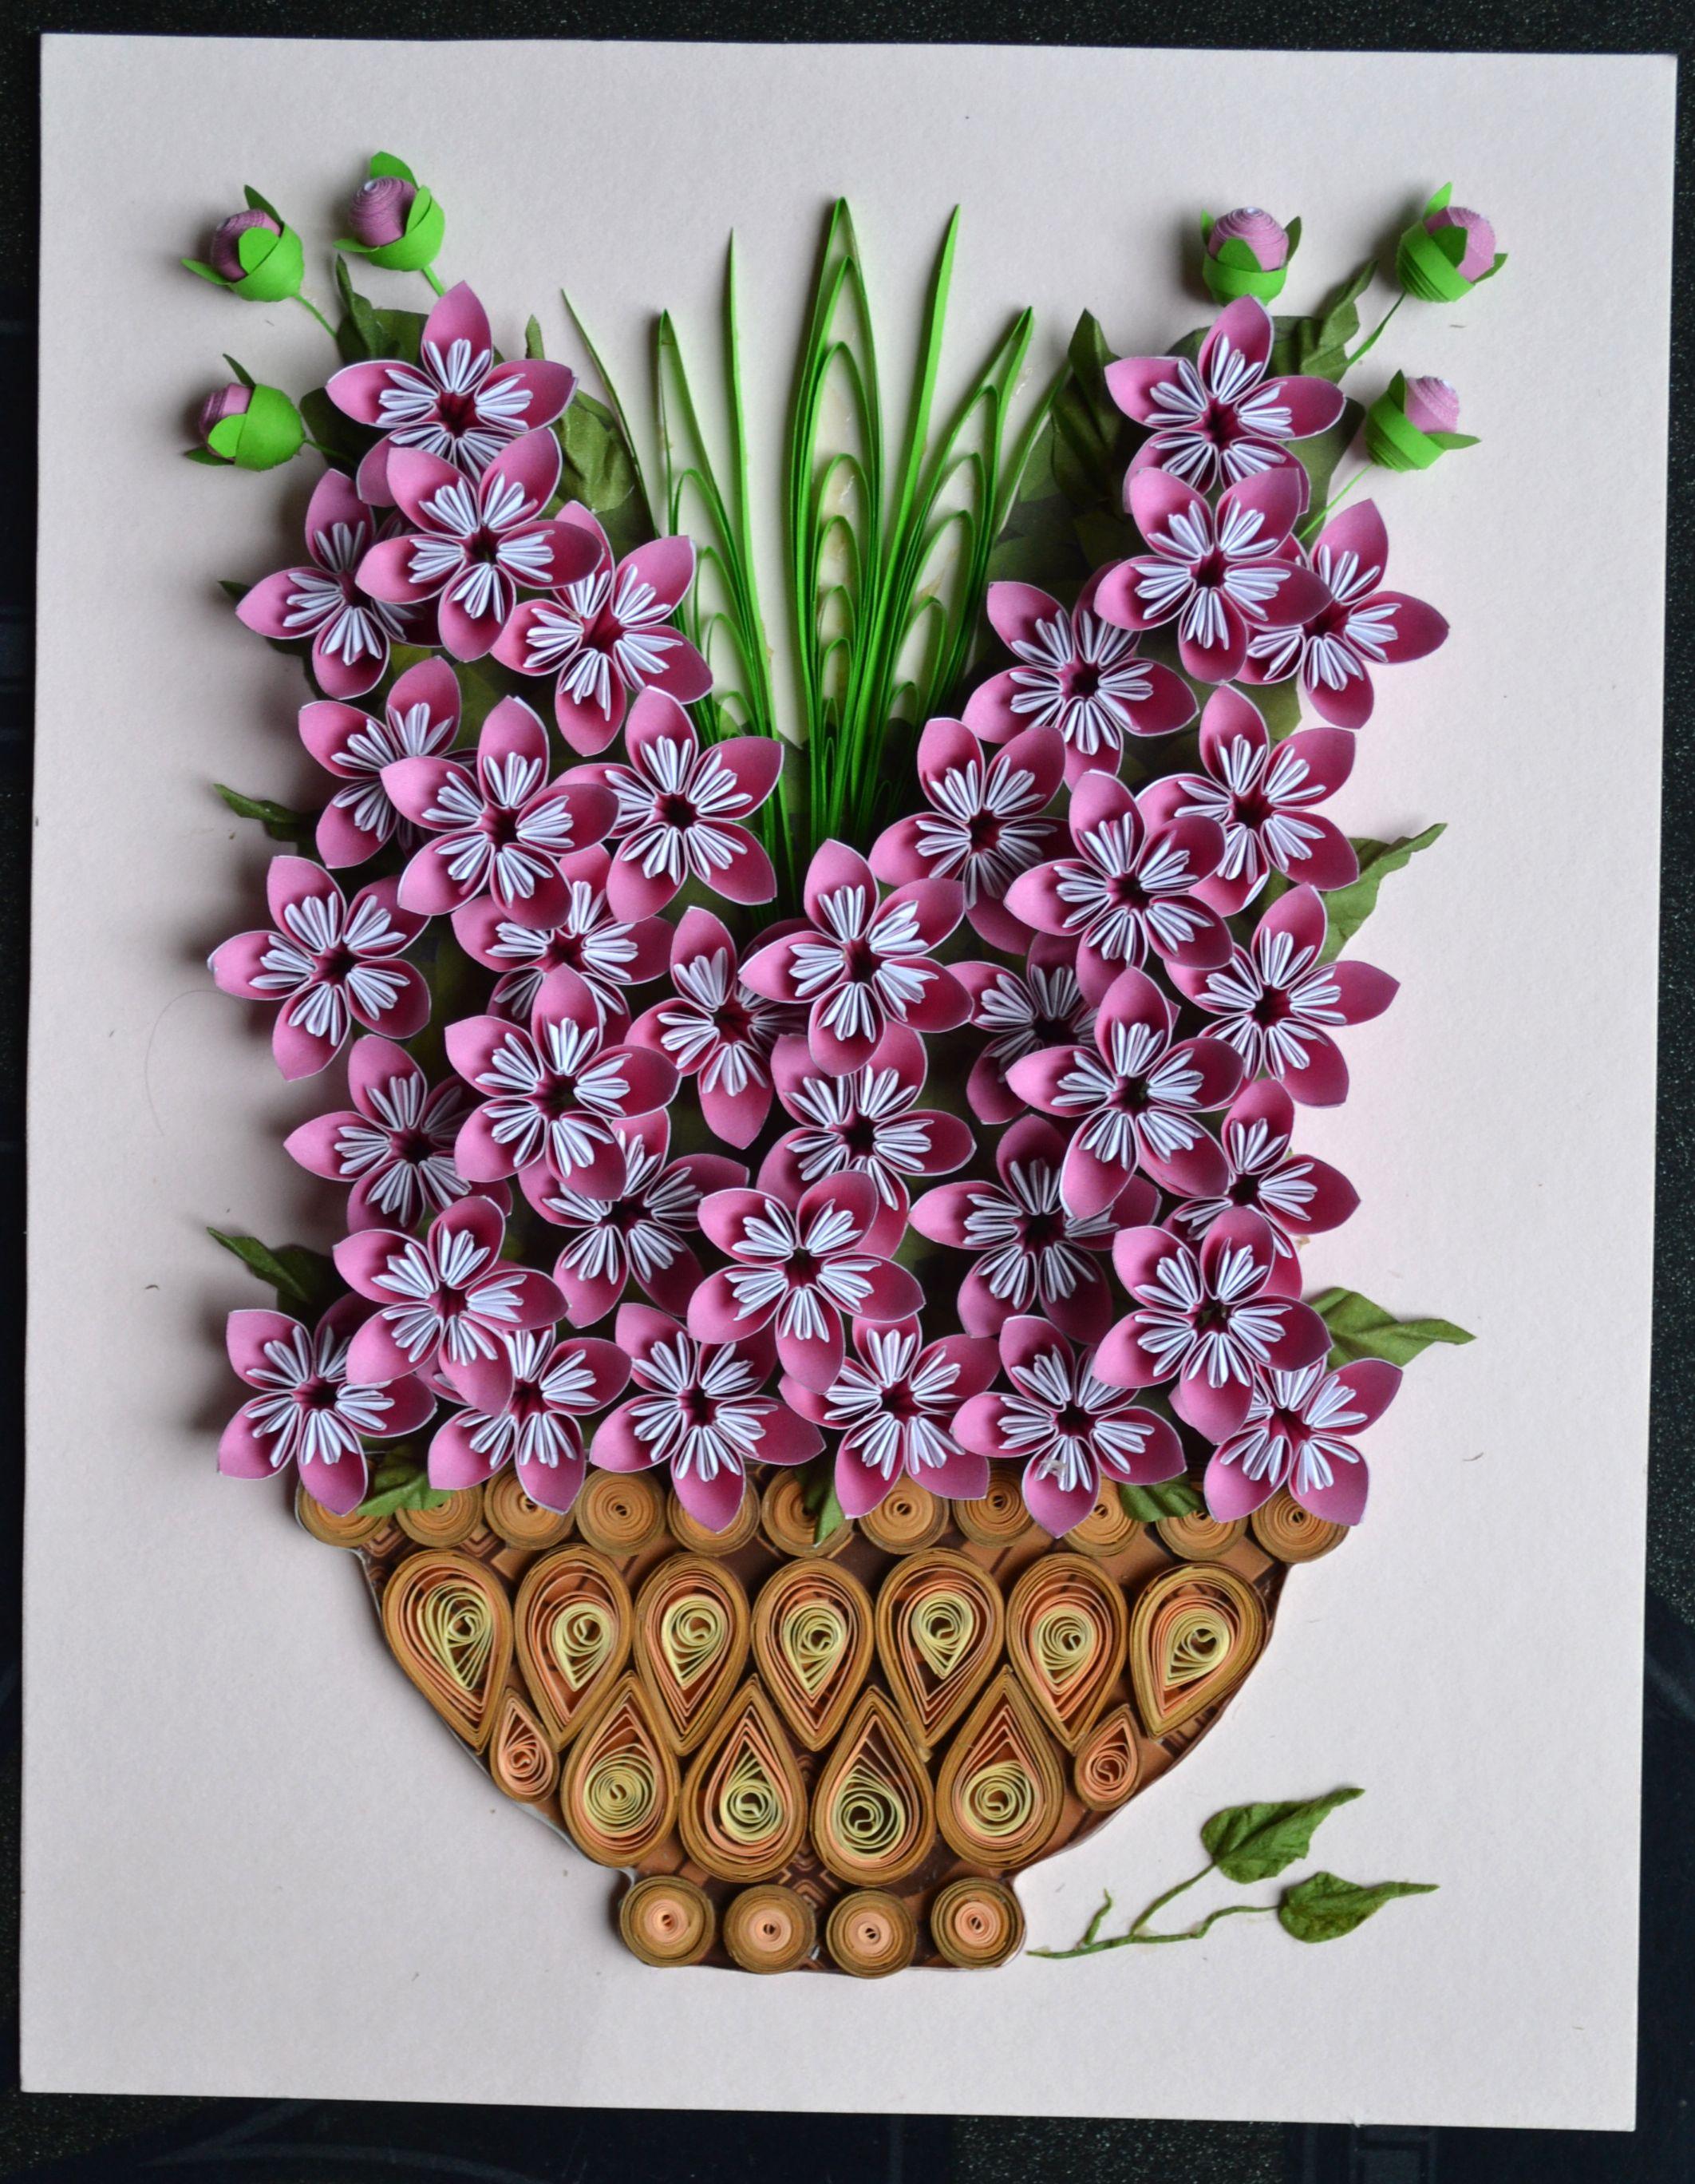 квиллинг картина цветы делается